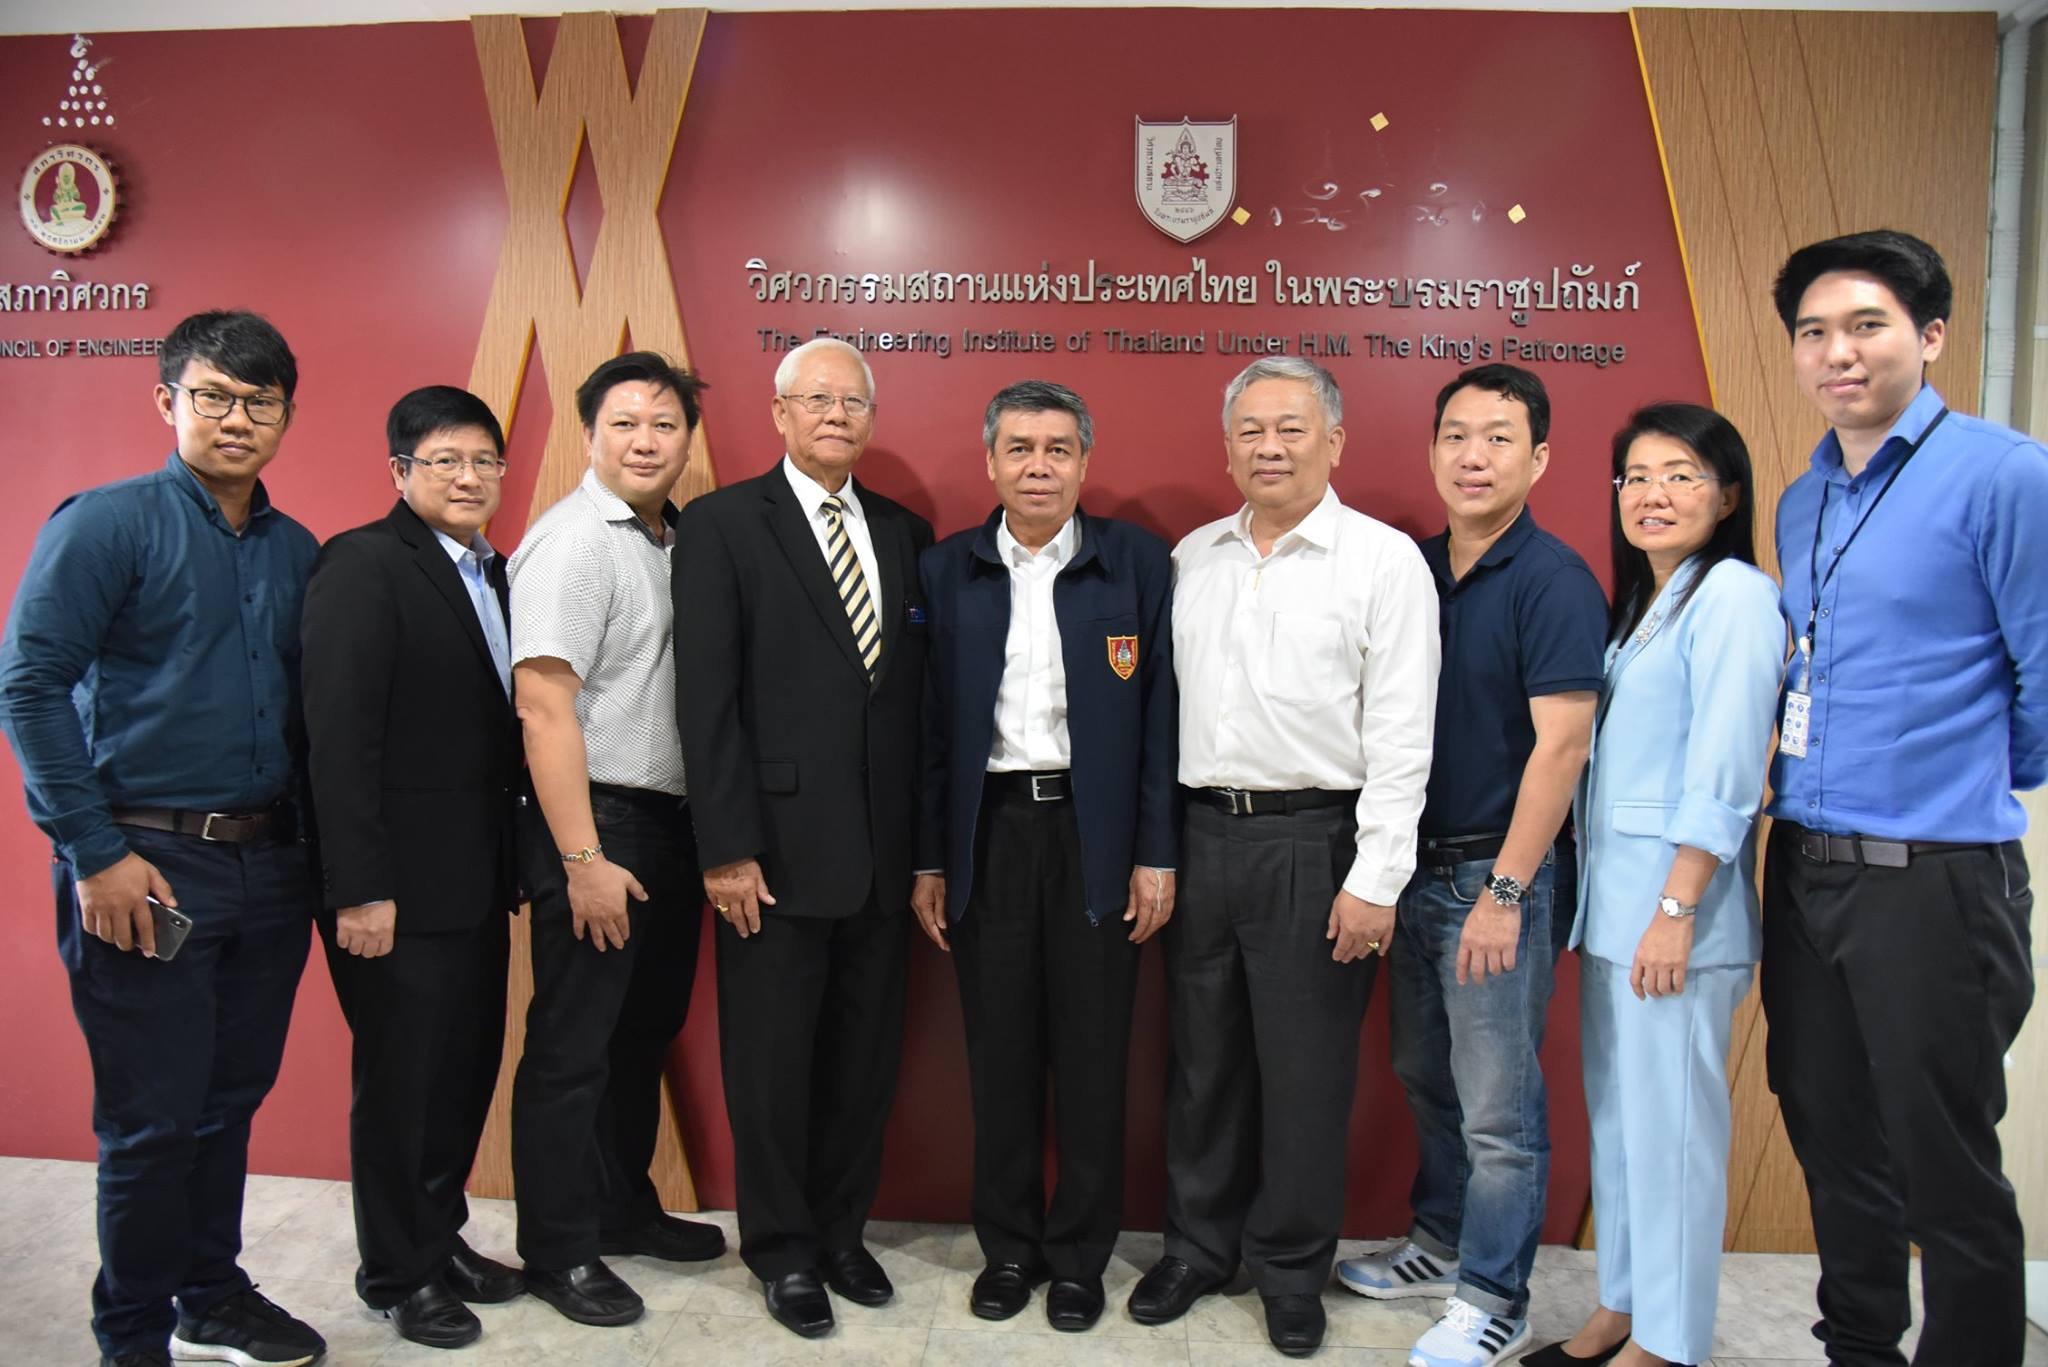 วิศวกรรมสถานแห่งประเทศไทยฯ โดย ดร.ธเนศ วีระศิริ นายกวิศวกรรมสถานแห่ประเทศไทยฯ และ อาจารย์มานิตย์ กู้ธนพัฒน์ กรรมการสาขาวิศวกรรมเครื่องกล ให้การต้อนรับสมาคมอุตสาหกรรมปูนซีเมนต์ไทยเข้าพบหารือความร่วมมือระหว่าง 2 หน่วยงาน